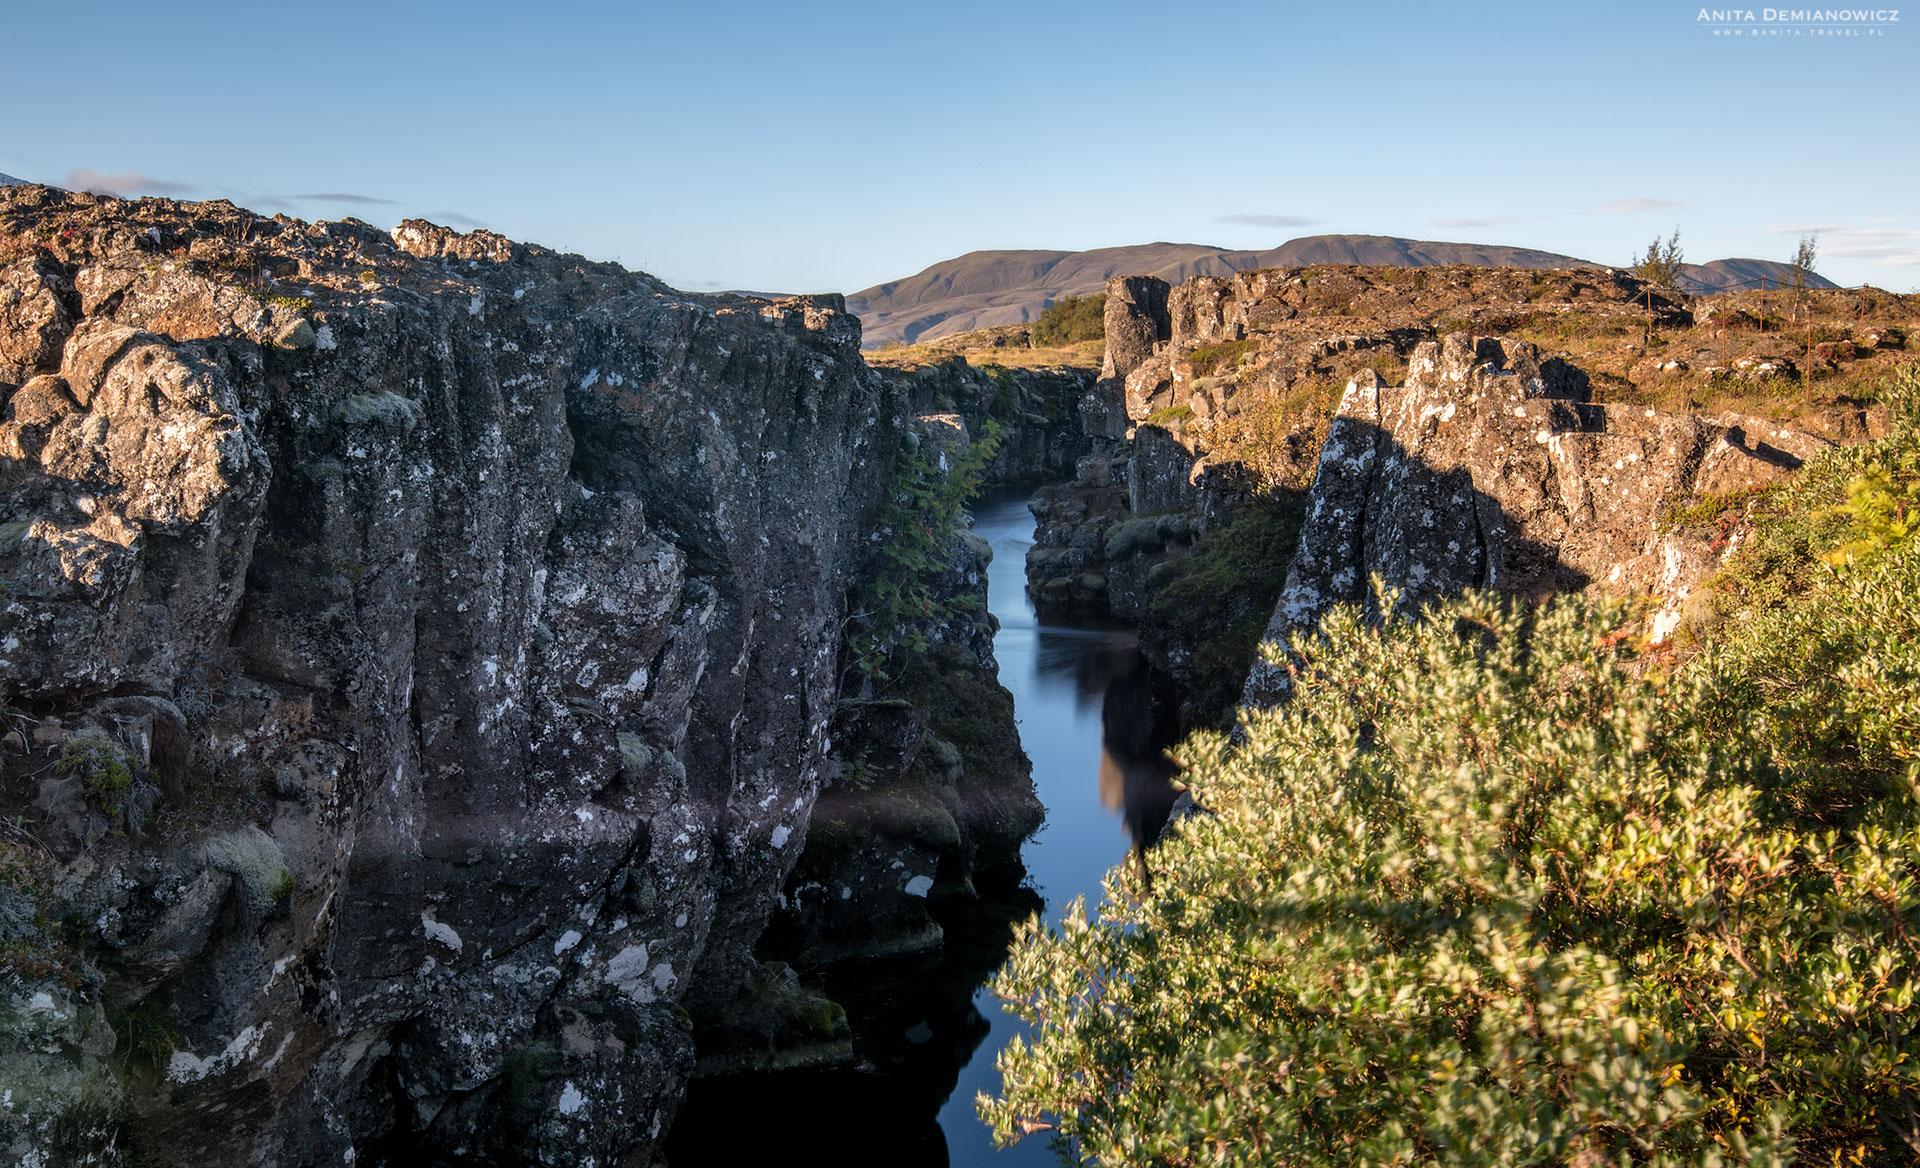 Park Narodowy Thingvellir, Islandia, Anita Demianowicz